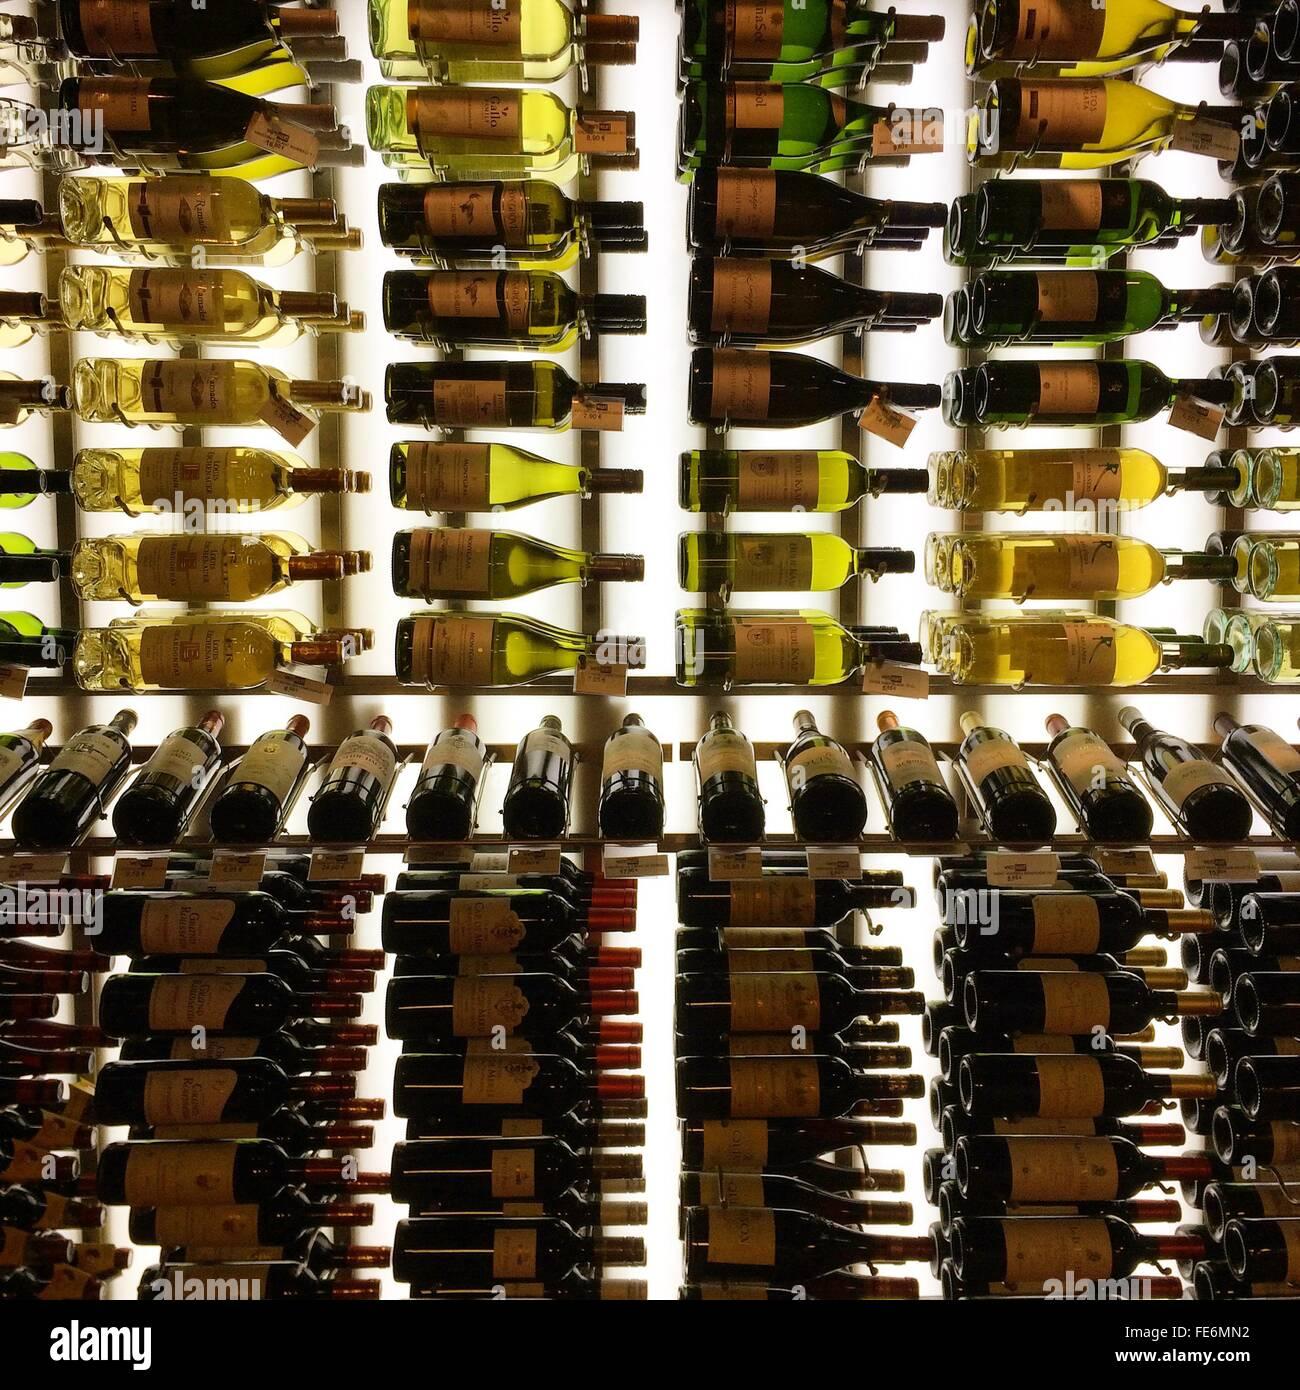 Wine Bottles On Shelves - Stock Image